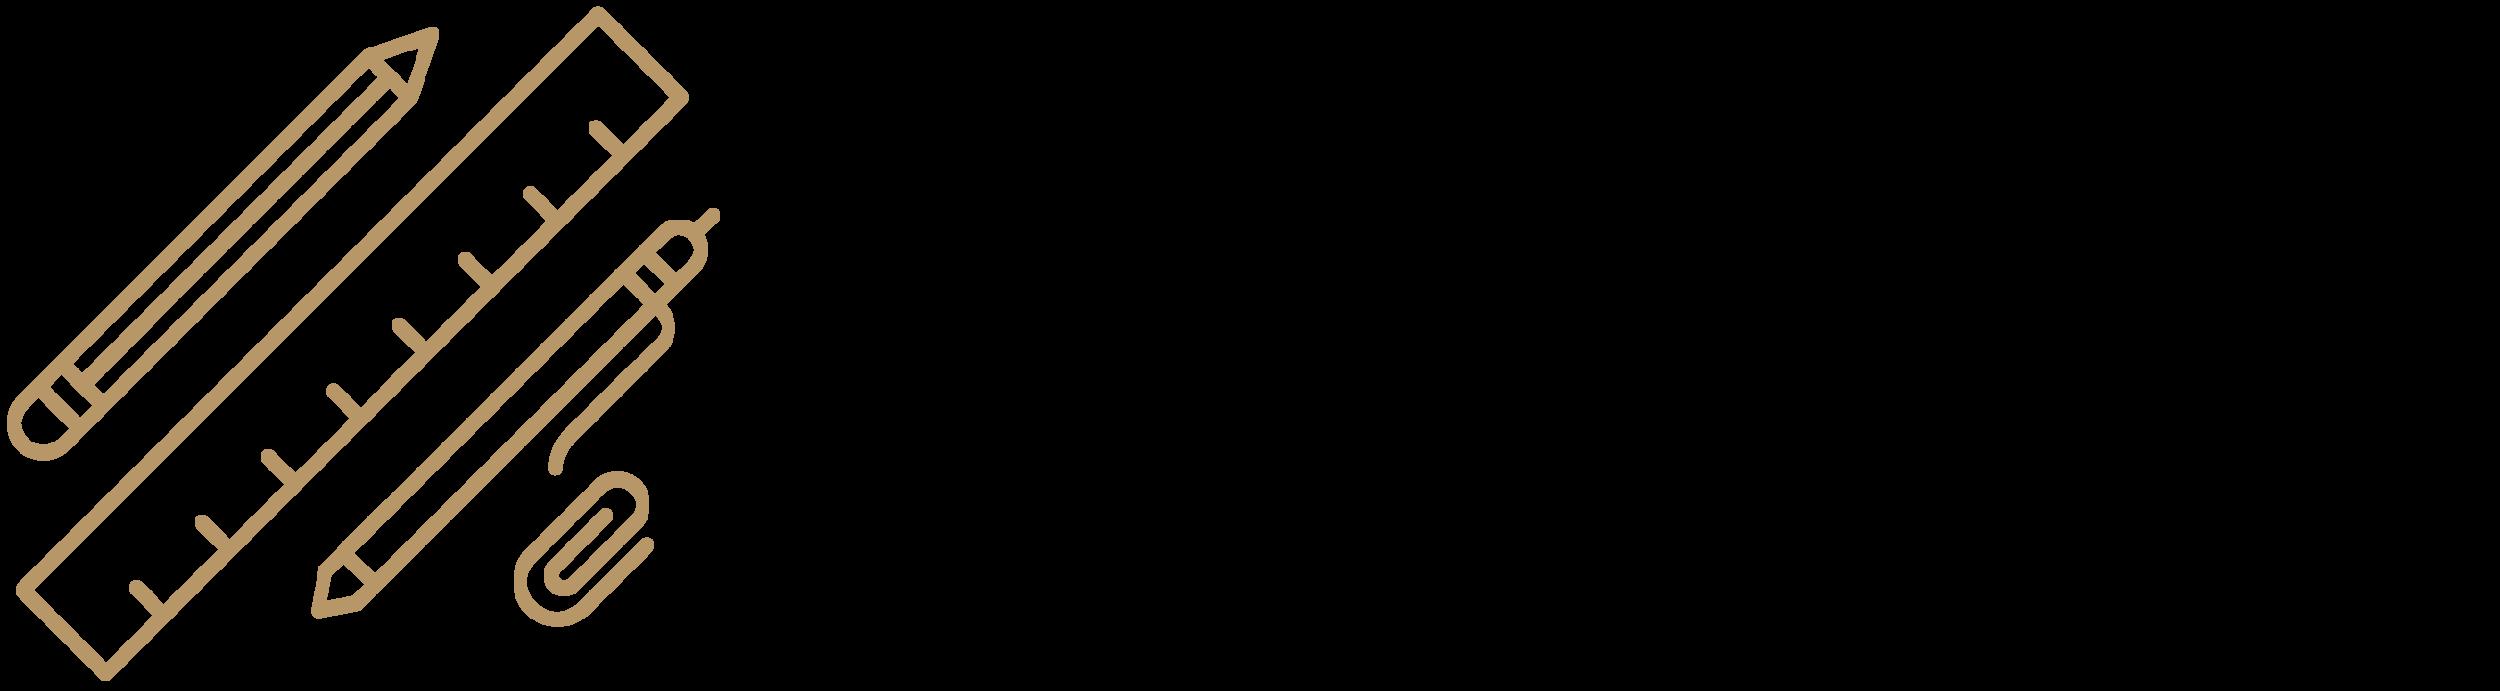 Icon_Diensten-01.png